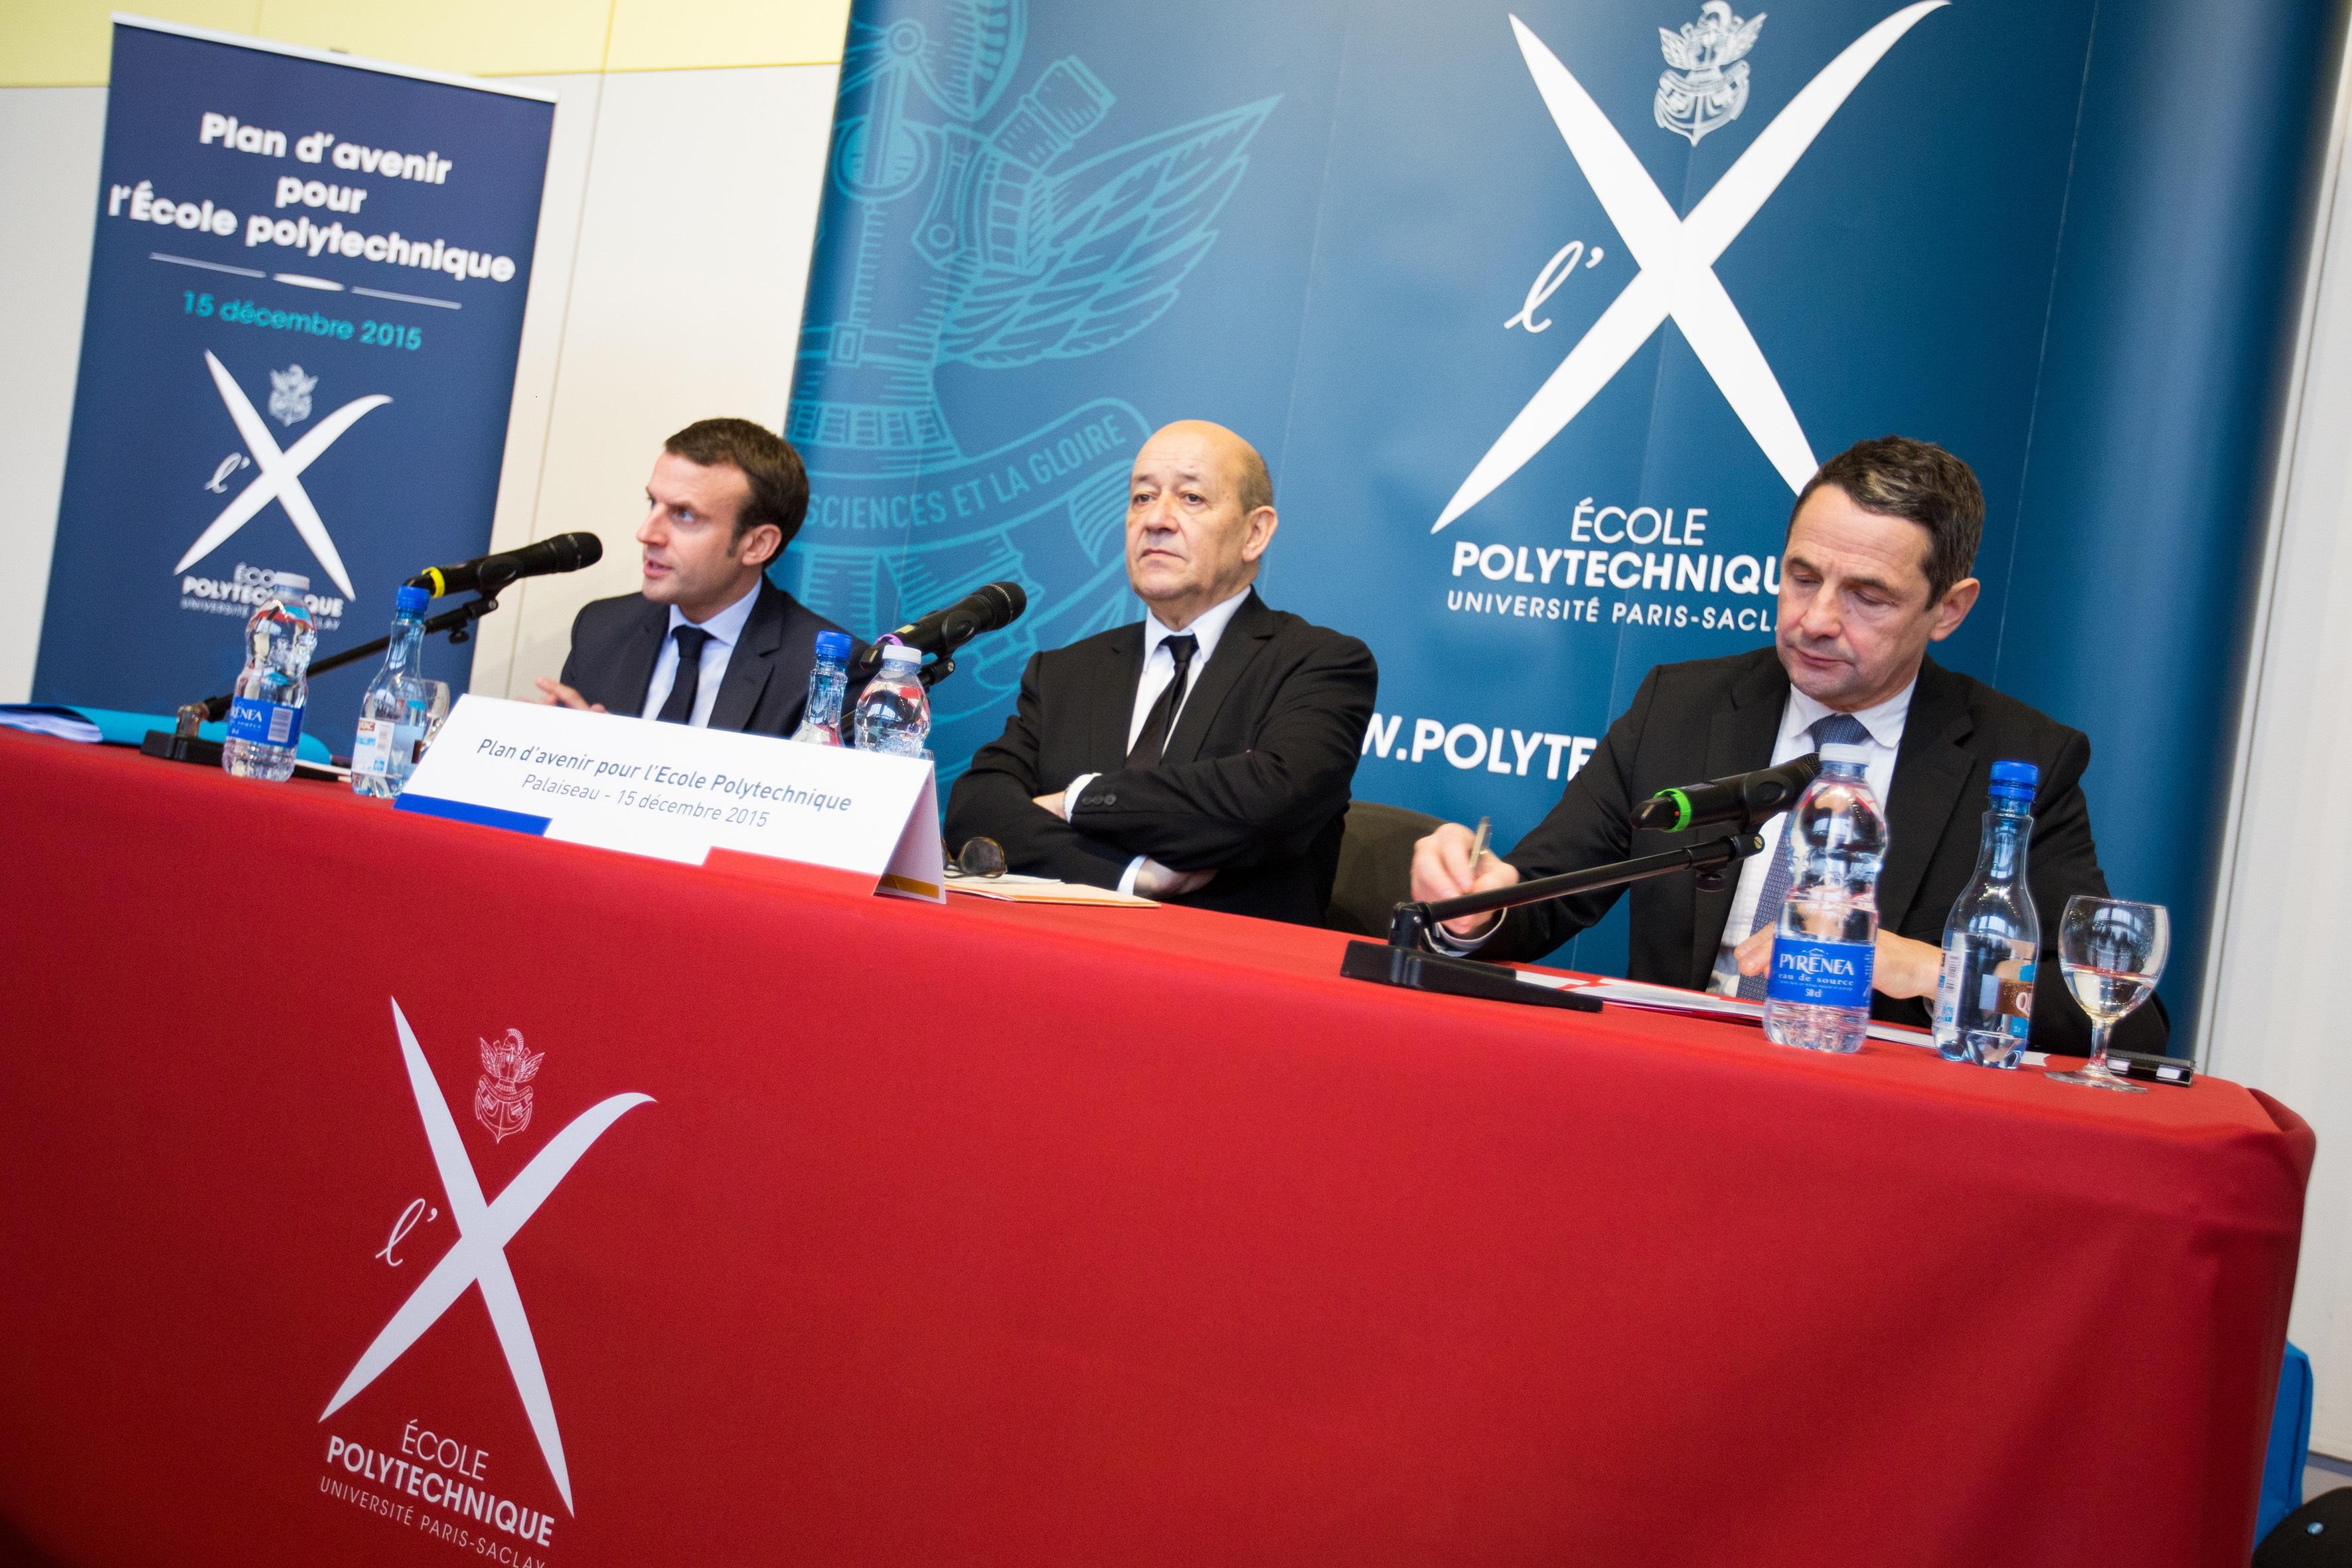 L'Ecole polytechnique dévoile un plan stratégique 2016-2020 marqué par l'ouverture